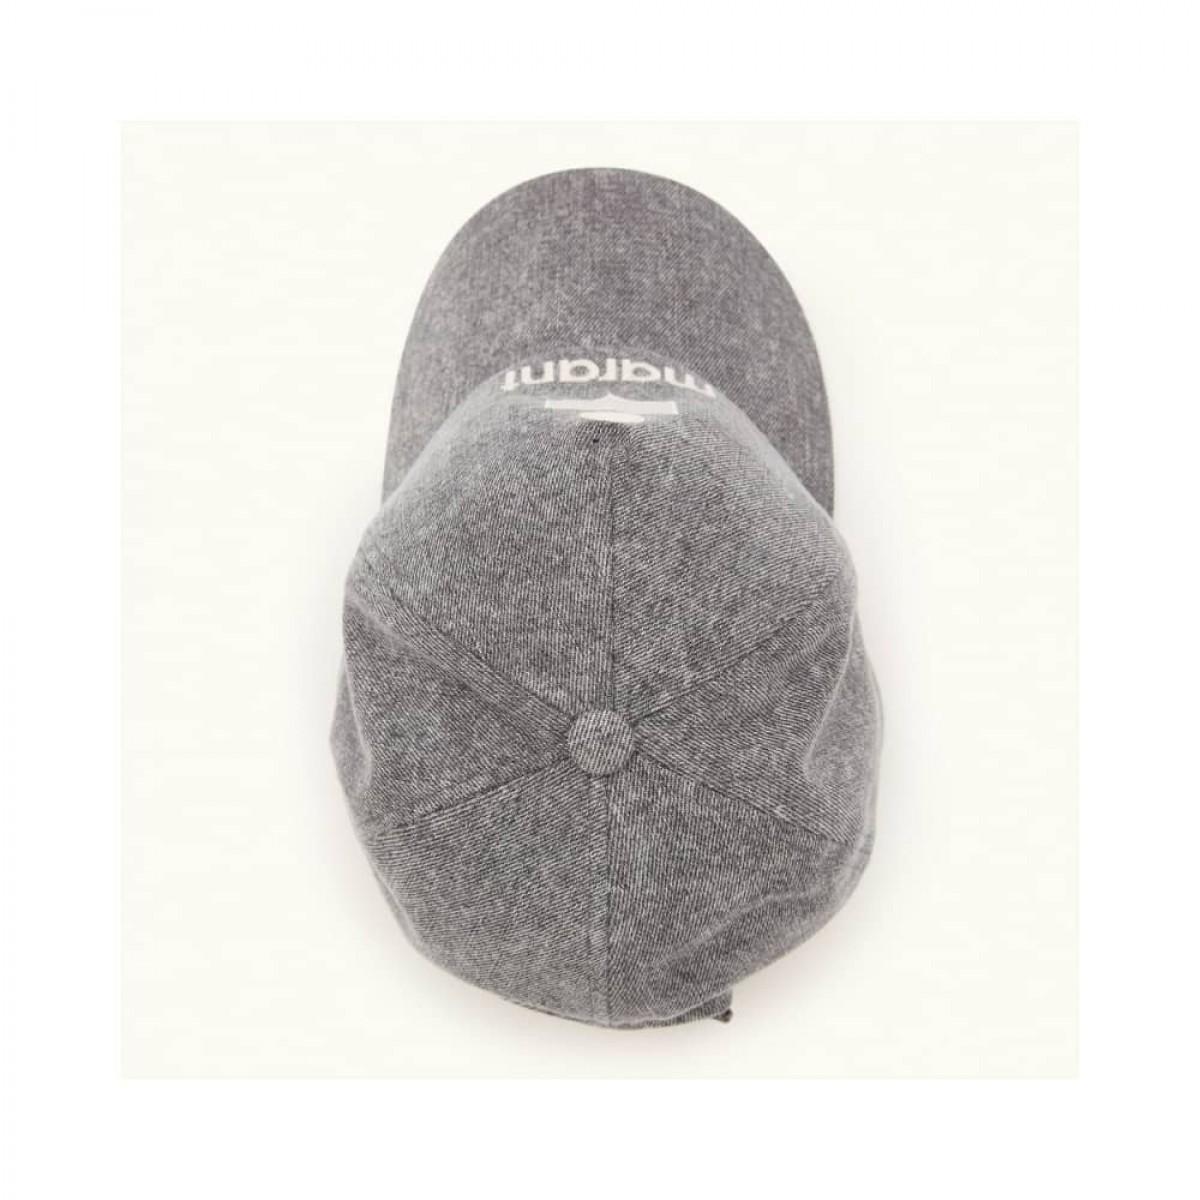 tyron cap - grey - fra toppen